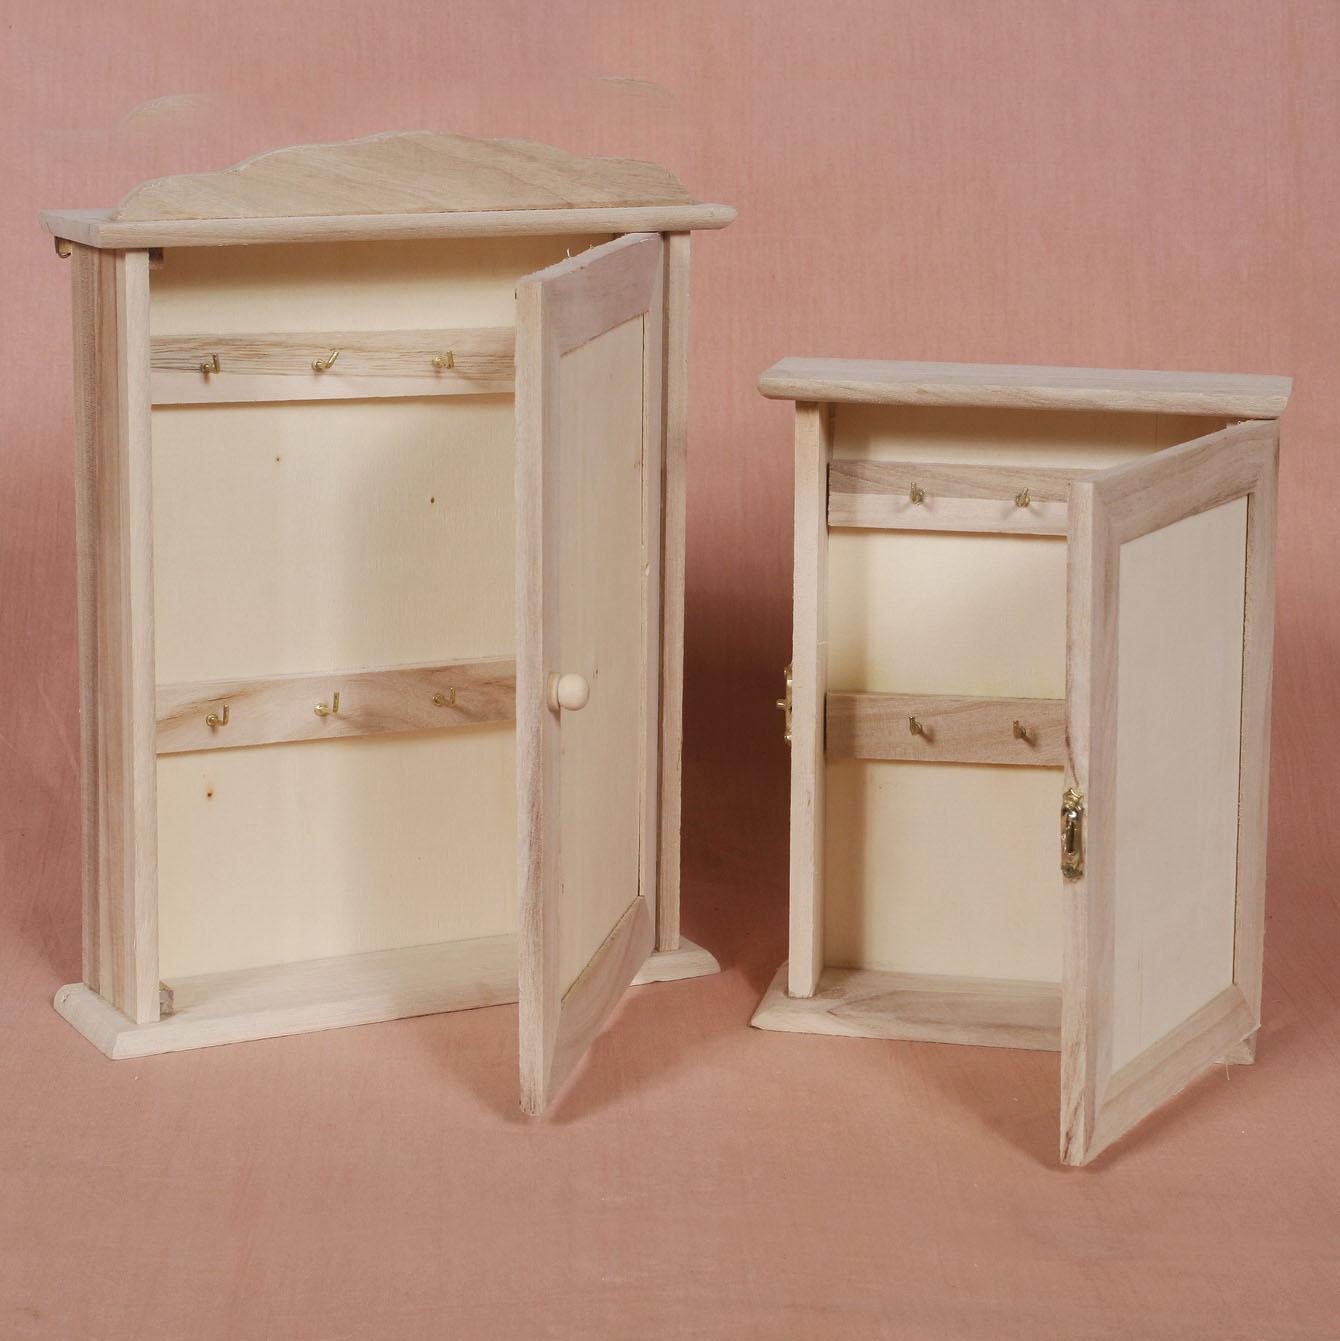 Drevená skrinka na kľúče malá - jednoduché dvierka (drevené polotovary na dekupáž PENTACOLOR)